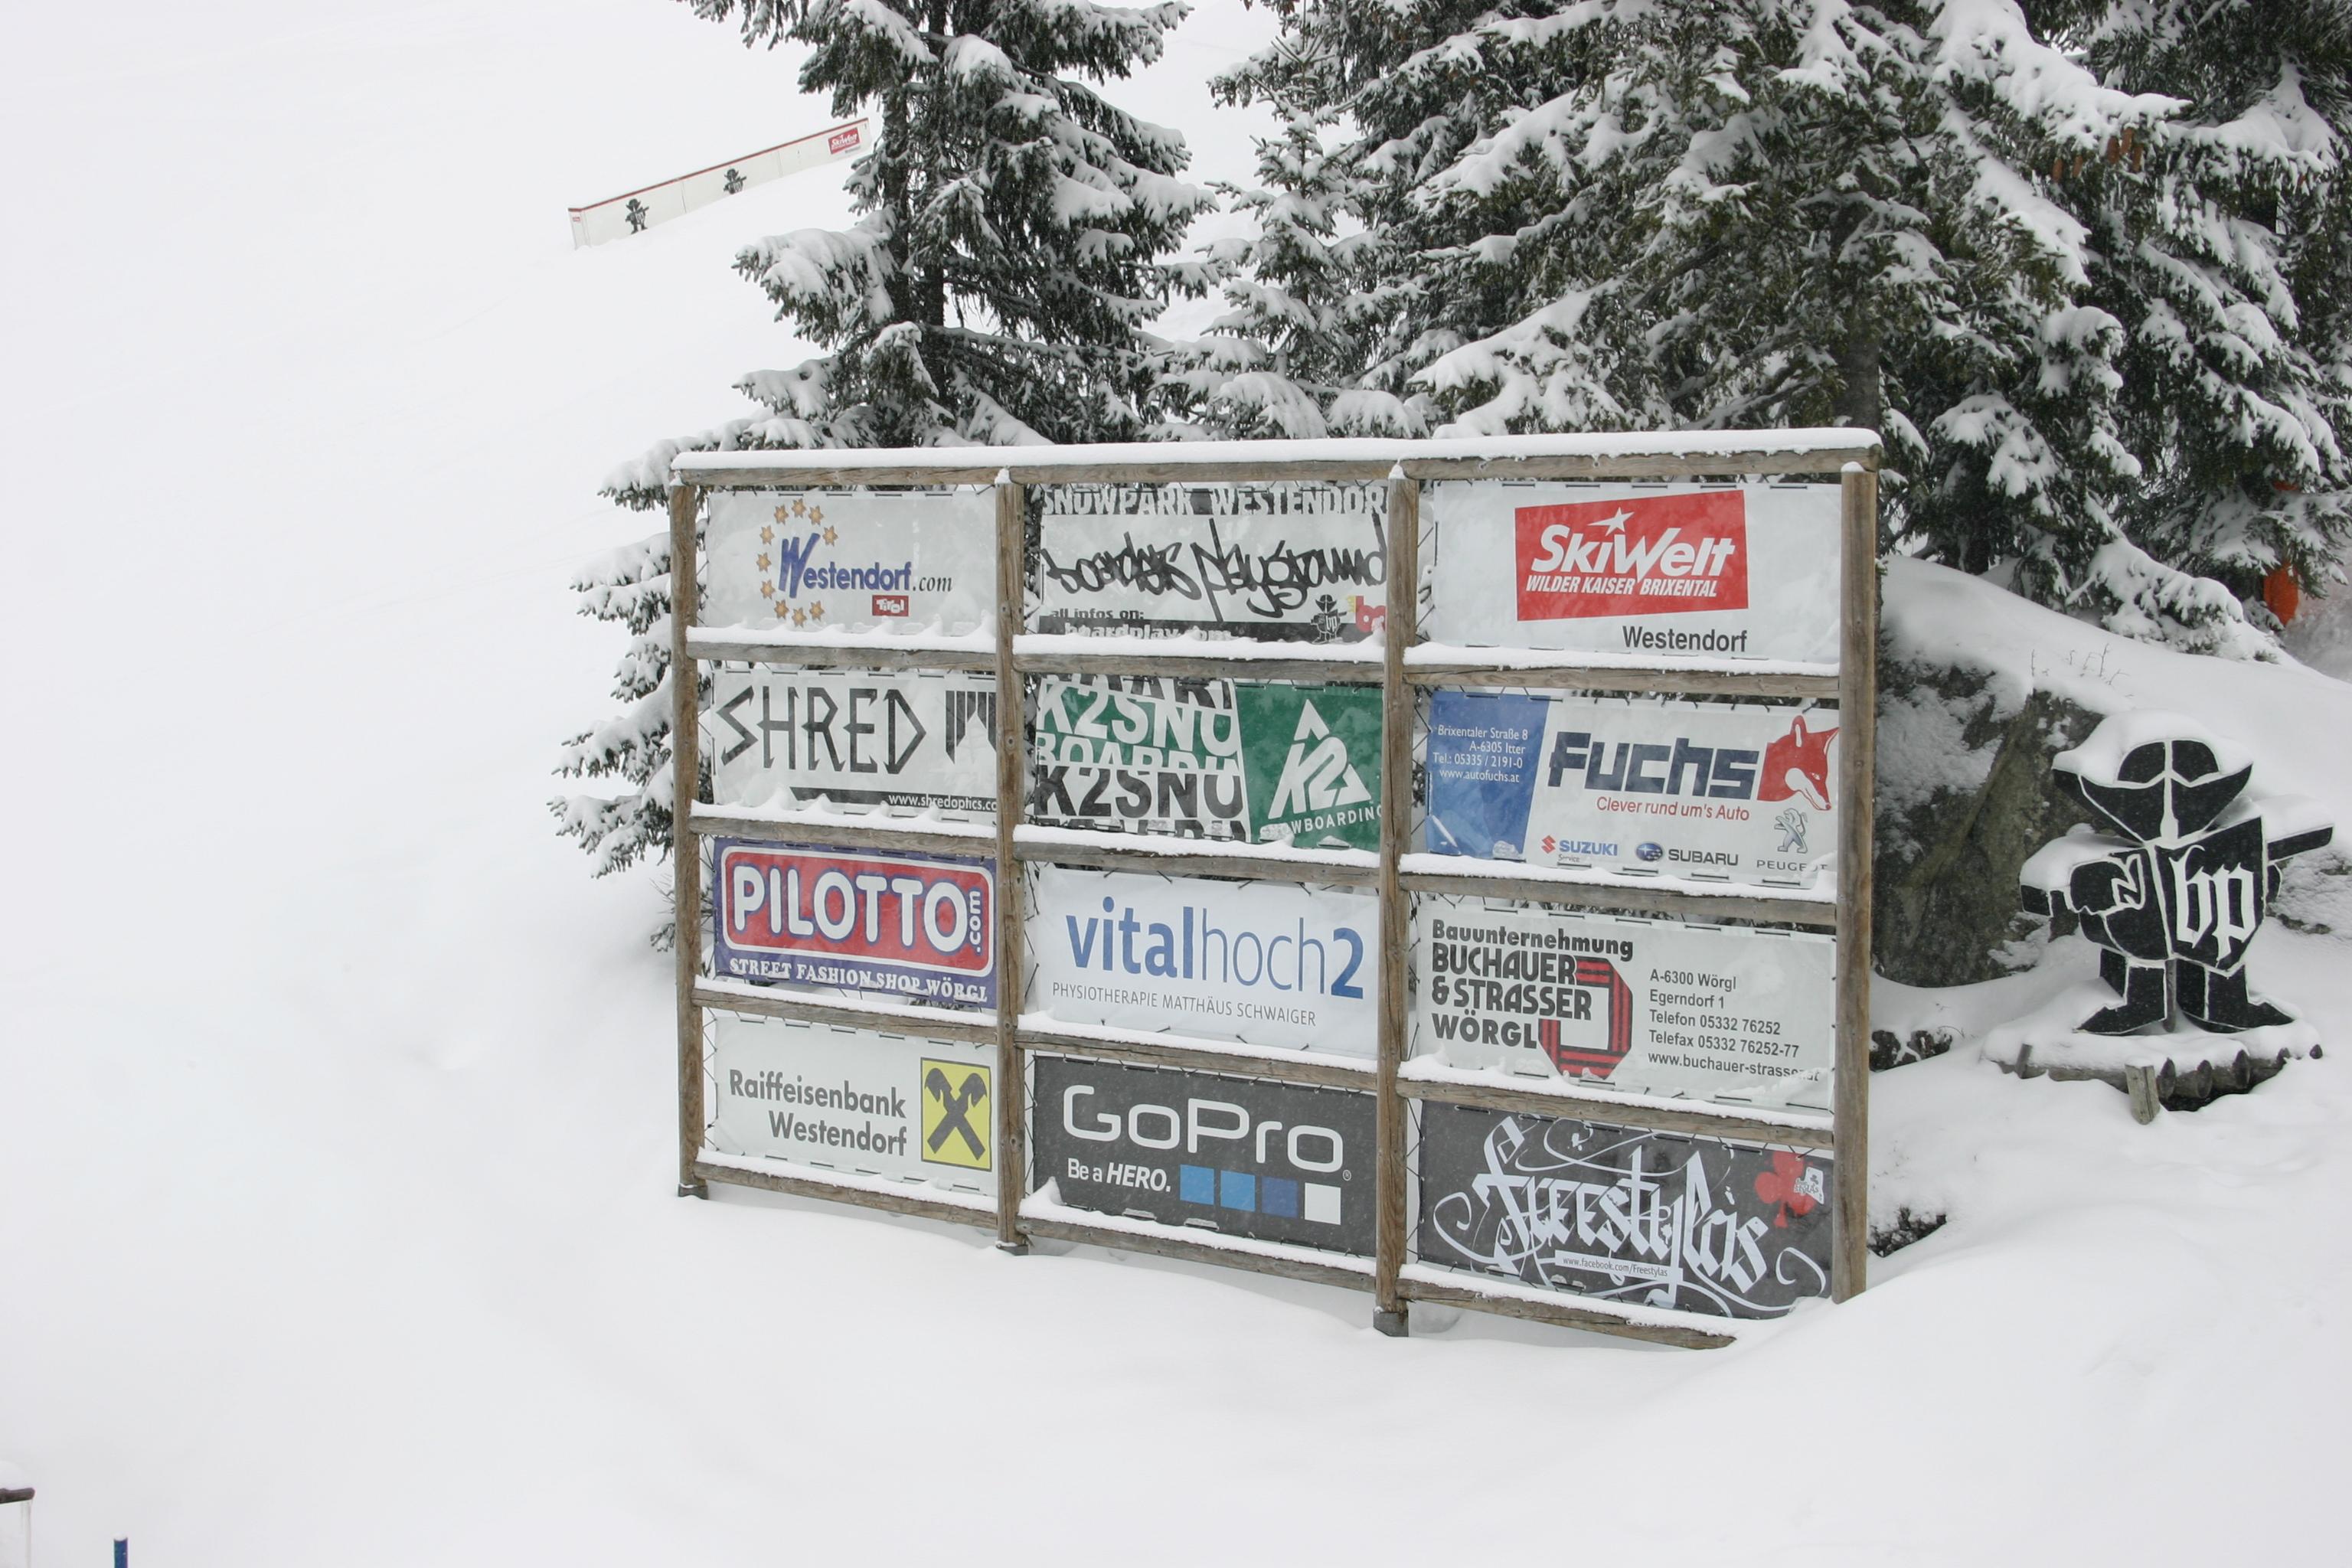 Kitzbüheler Alpen 428 - Dag 6